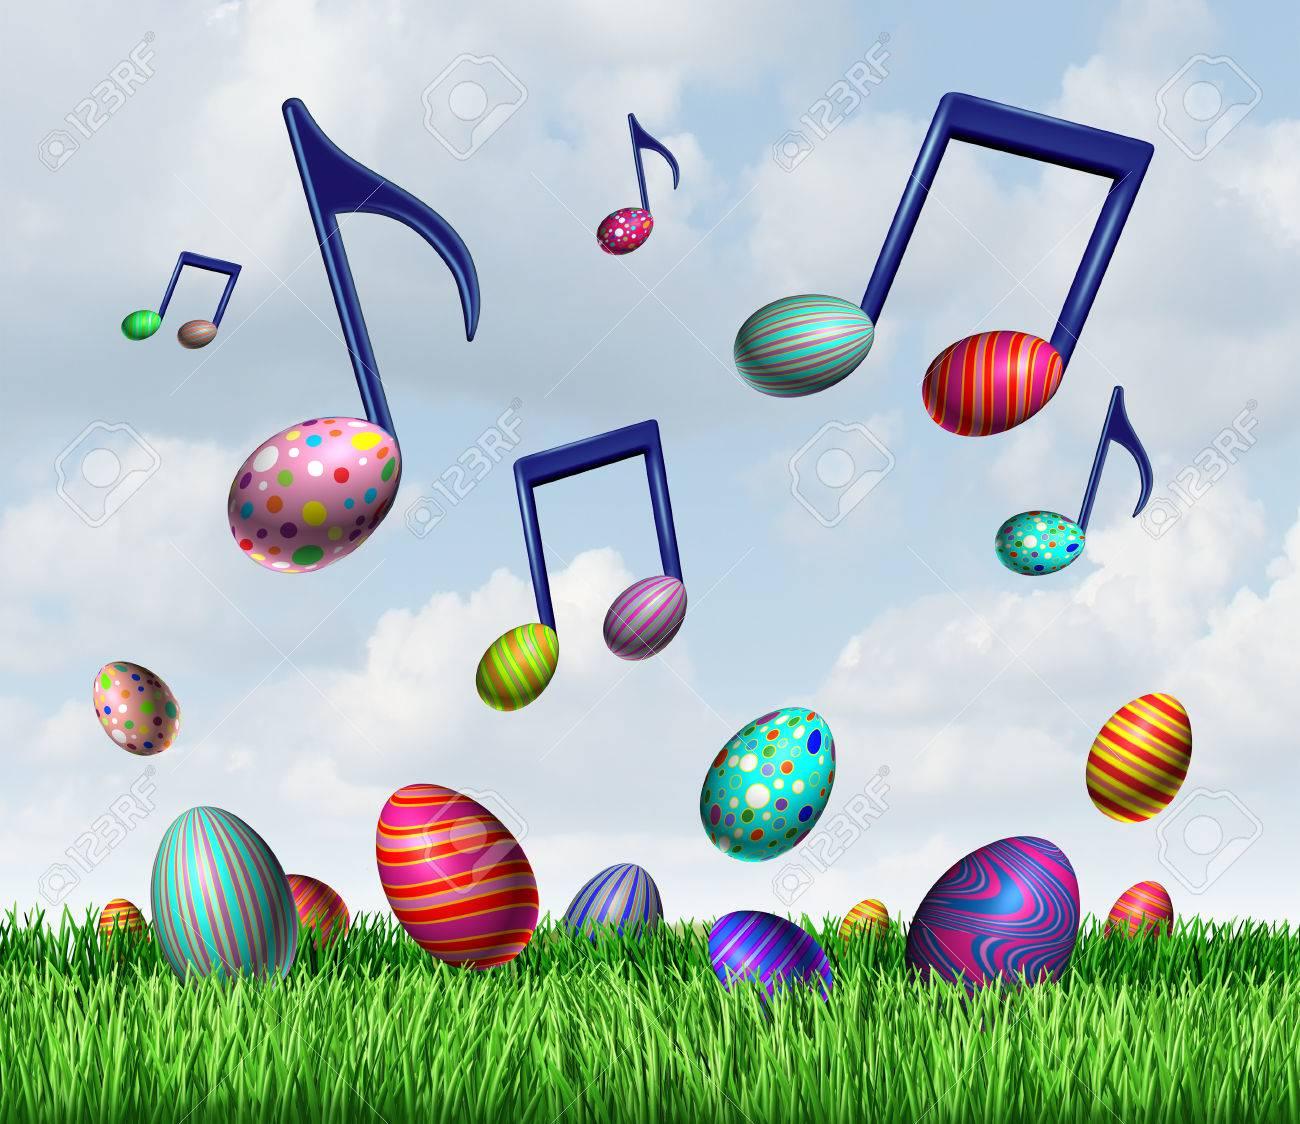 Pâques Symbole De Musique De Printemps En Tant Que Groupe D'oeufs De Pâques  Dans L'herbe Et Qui Volent Dans Le Ciel Comme Des Notes De Musique  Représentant Une Joyeuse Fête Traditionnelle Du